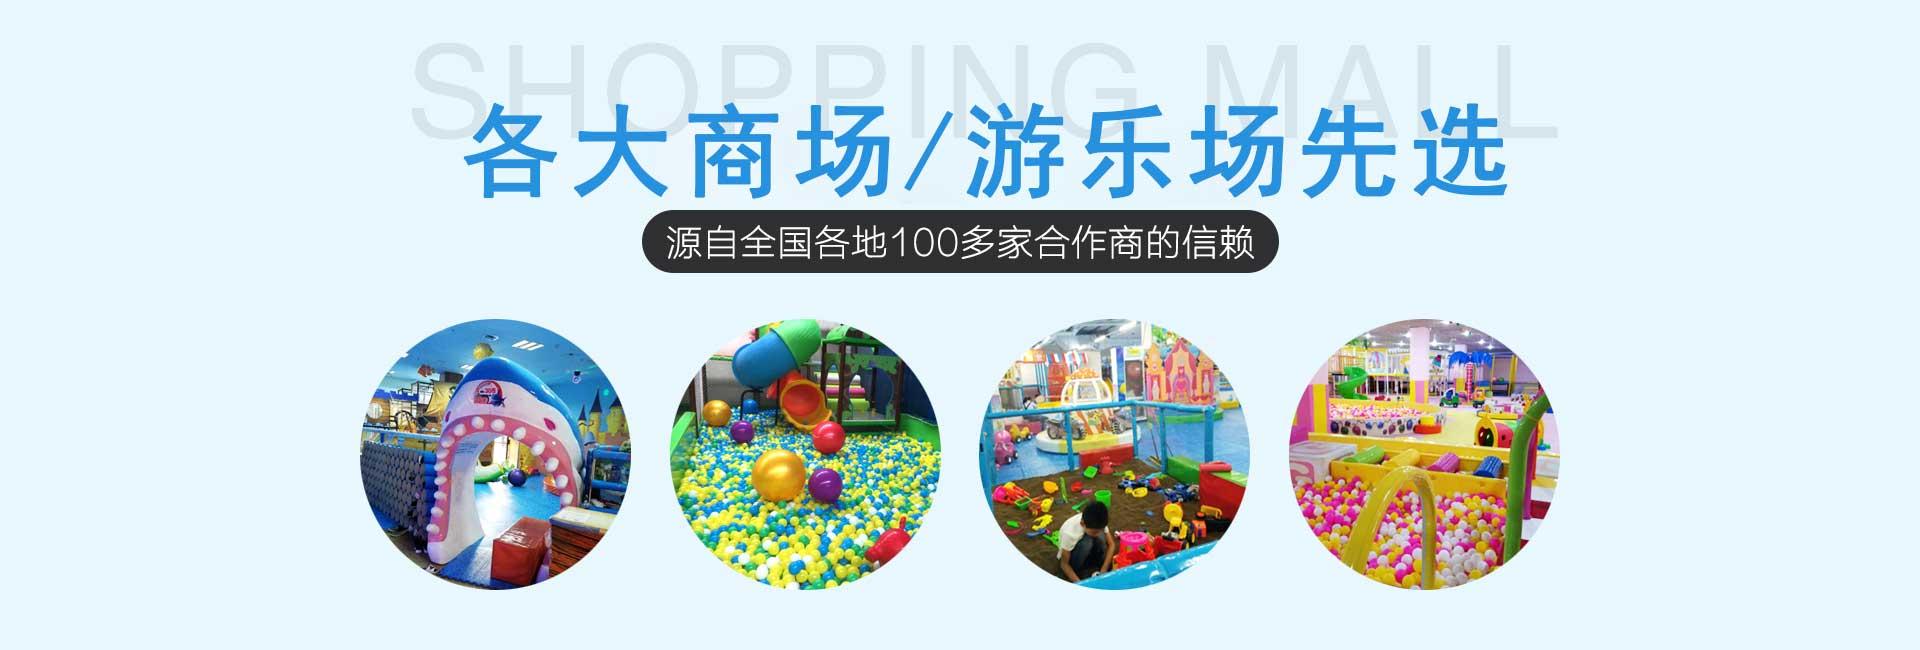 淘气堡设备厂家-郑州华锦游乐设备公司首页banner大图